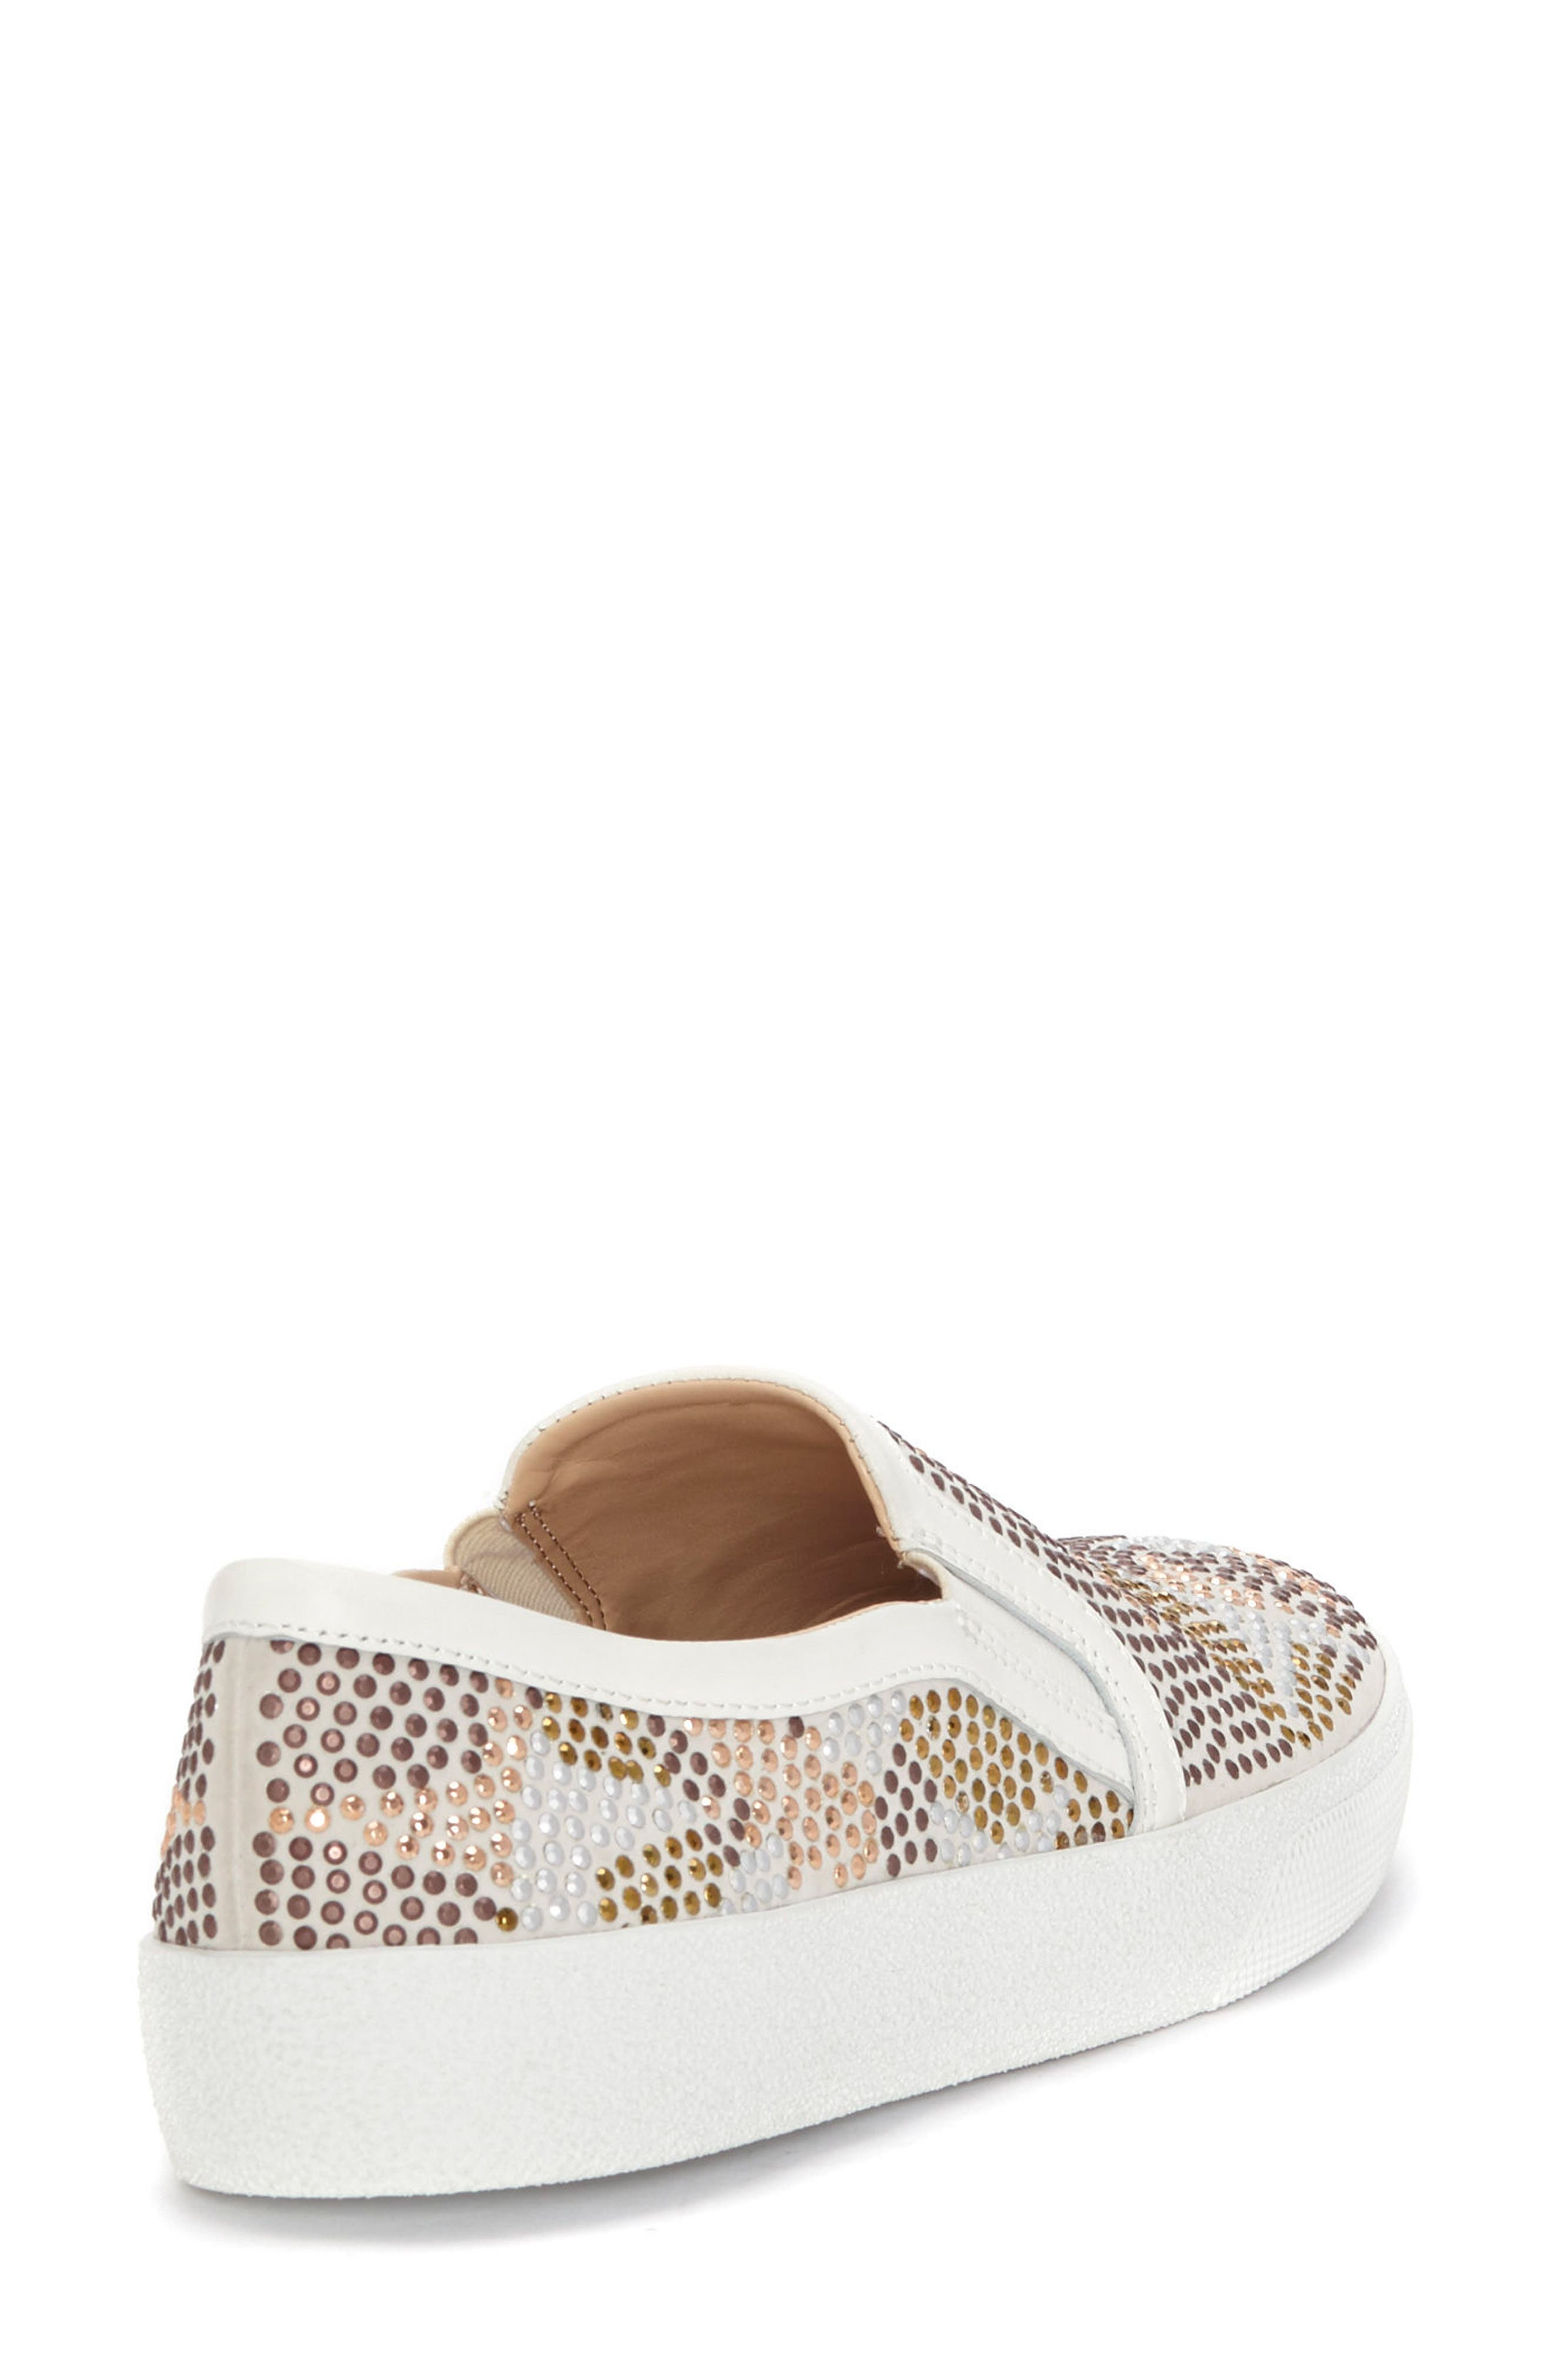 Canita Slip-On Sneaker,                             Alternate thumbnail 6, color,